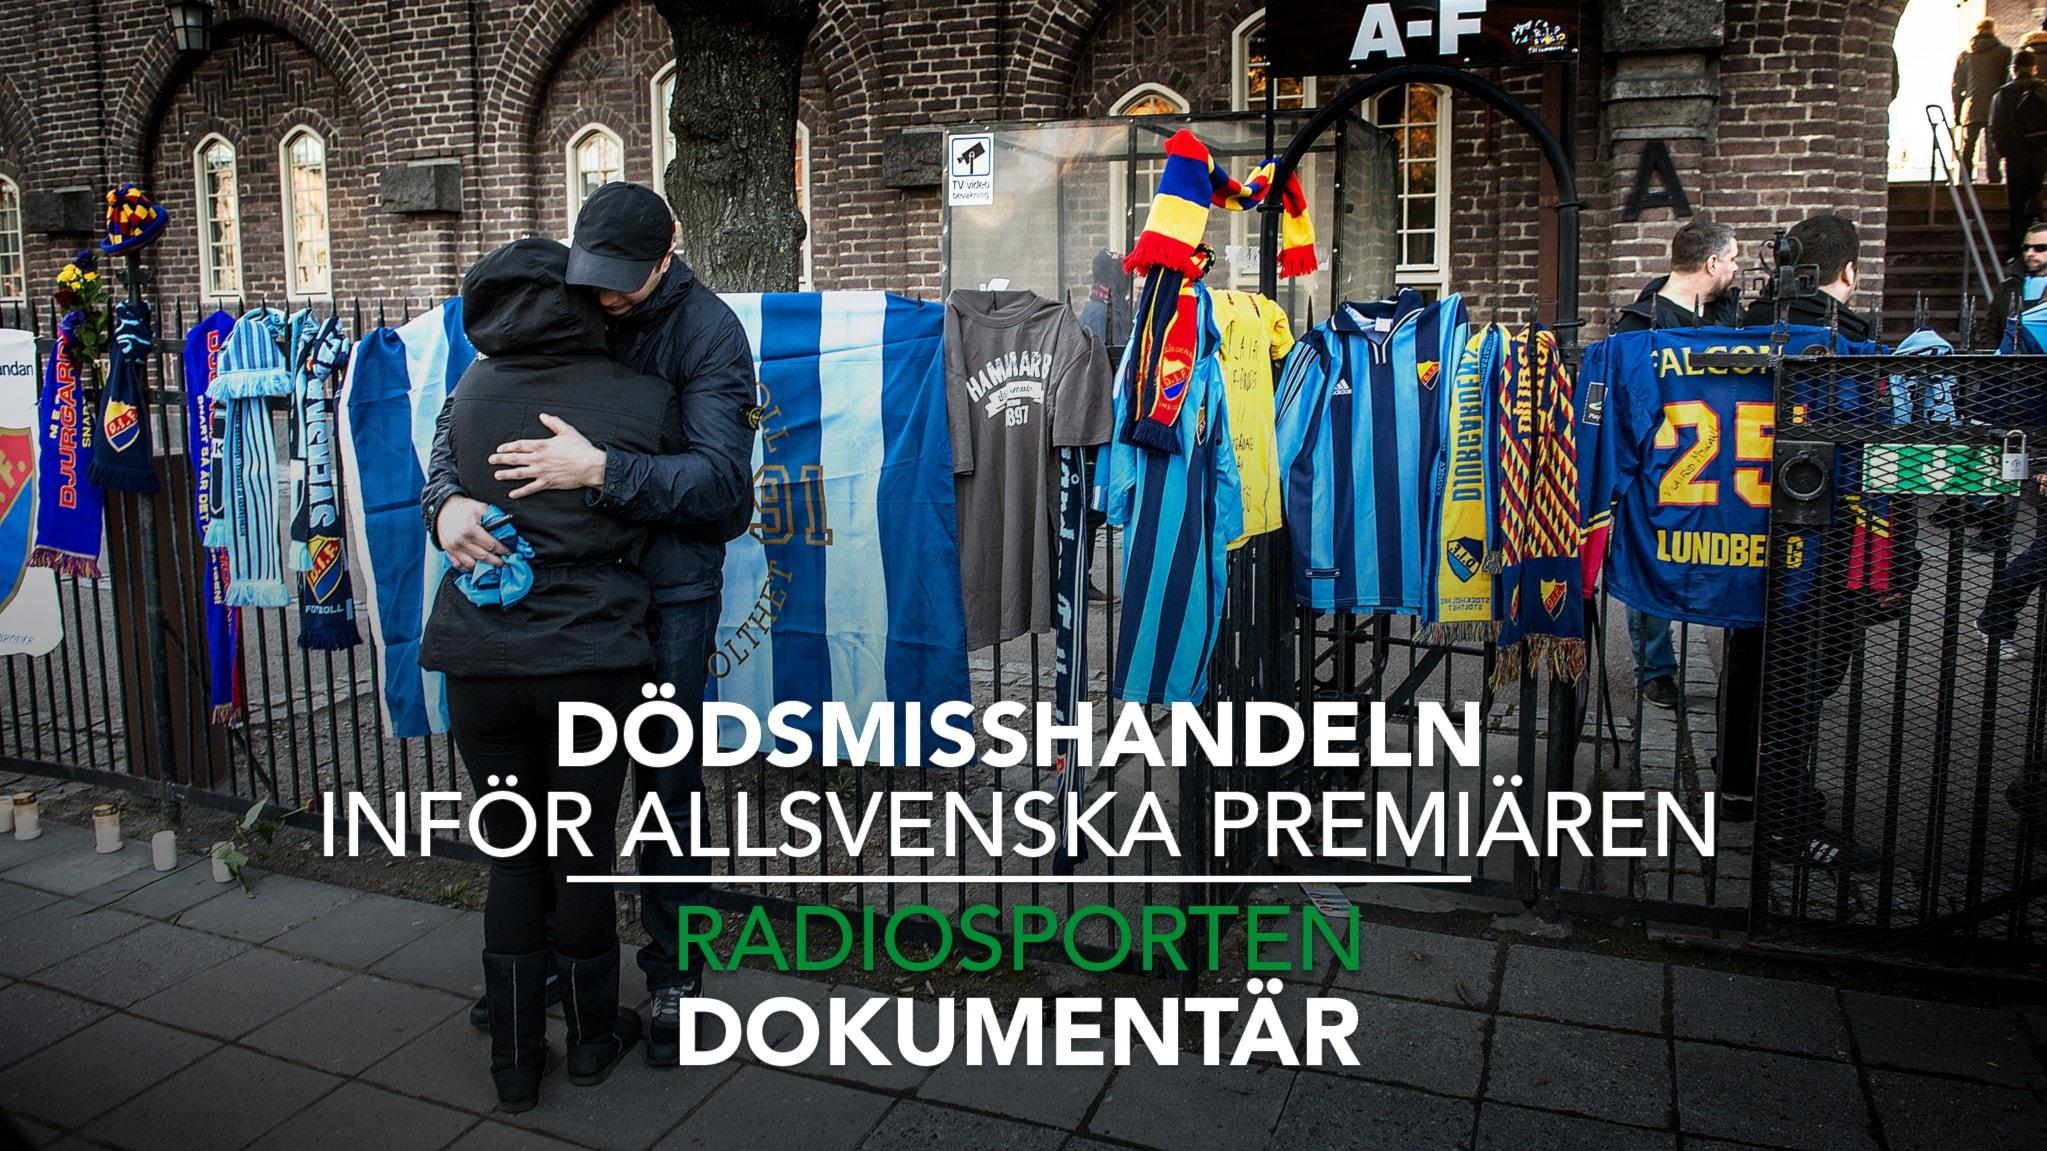 Dödsmisshandeln inför allsvenska premiären